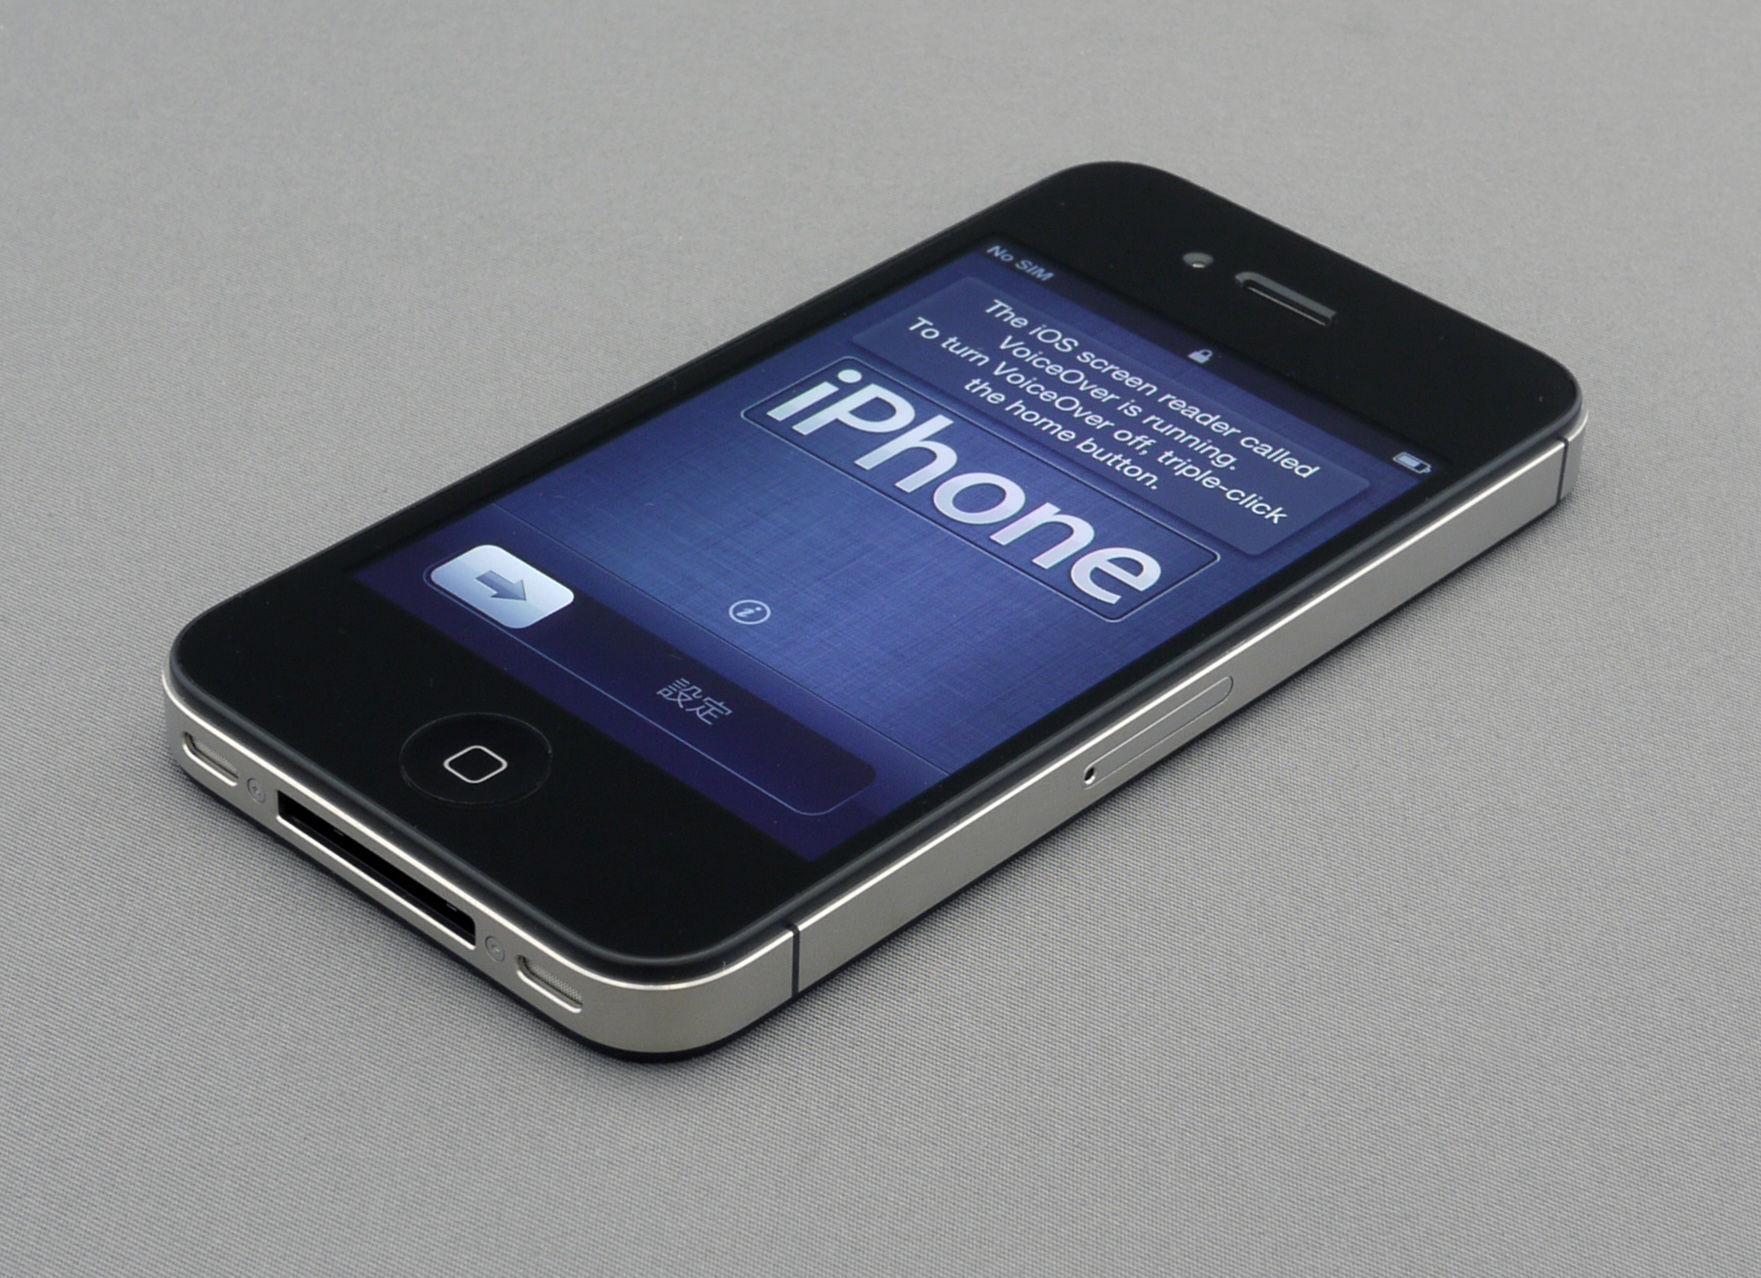 4,因为在苹果看来,8gb版的iphone 5c和iphone 4s已经完全能接替前辈的